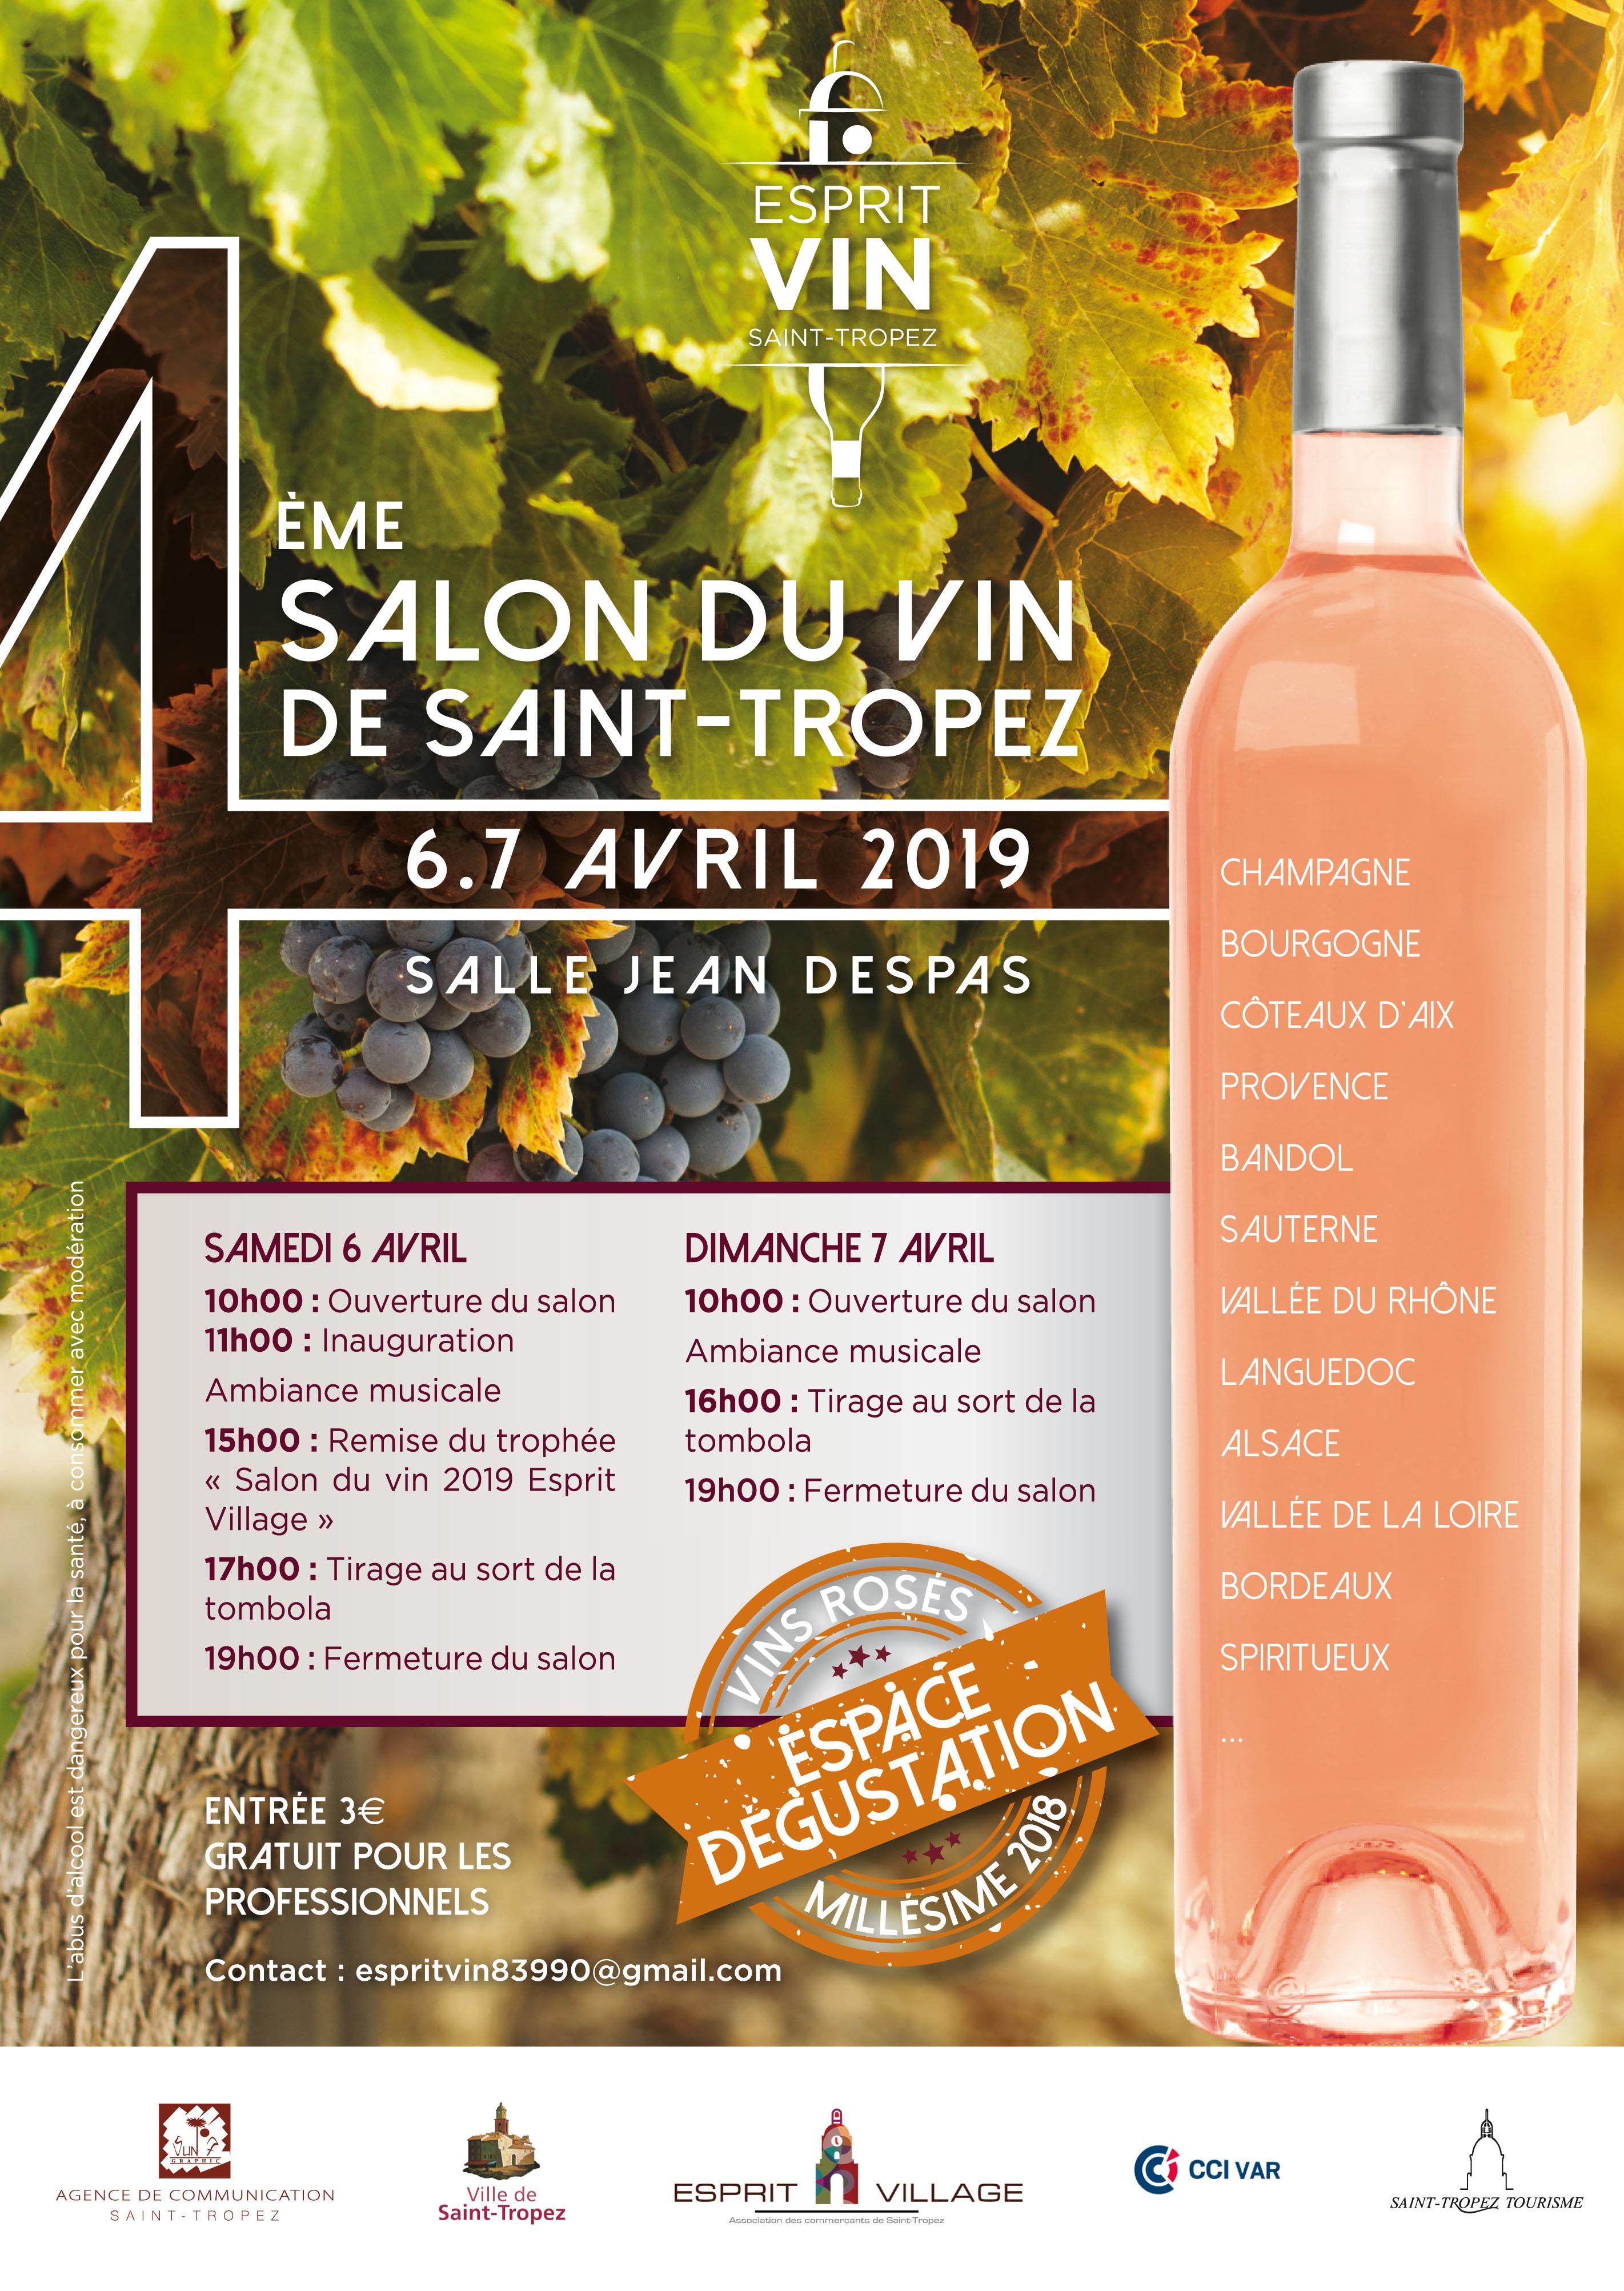 Salon du vin de saint tropez esprit vin site officiel de la ville de saint tropez - Salon saint tropez but ...